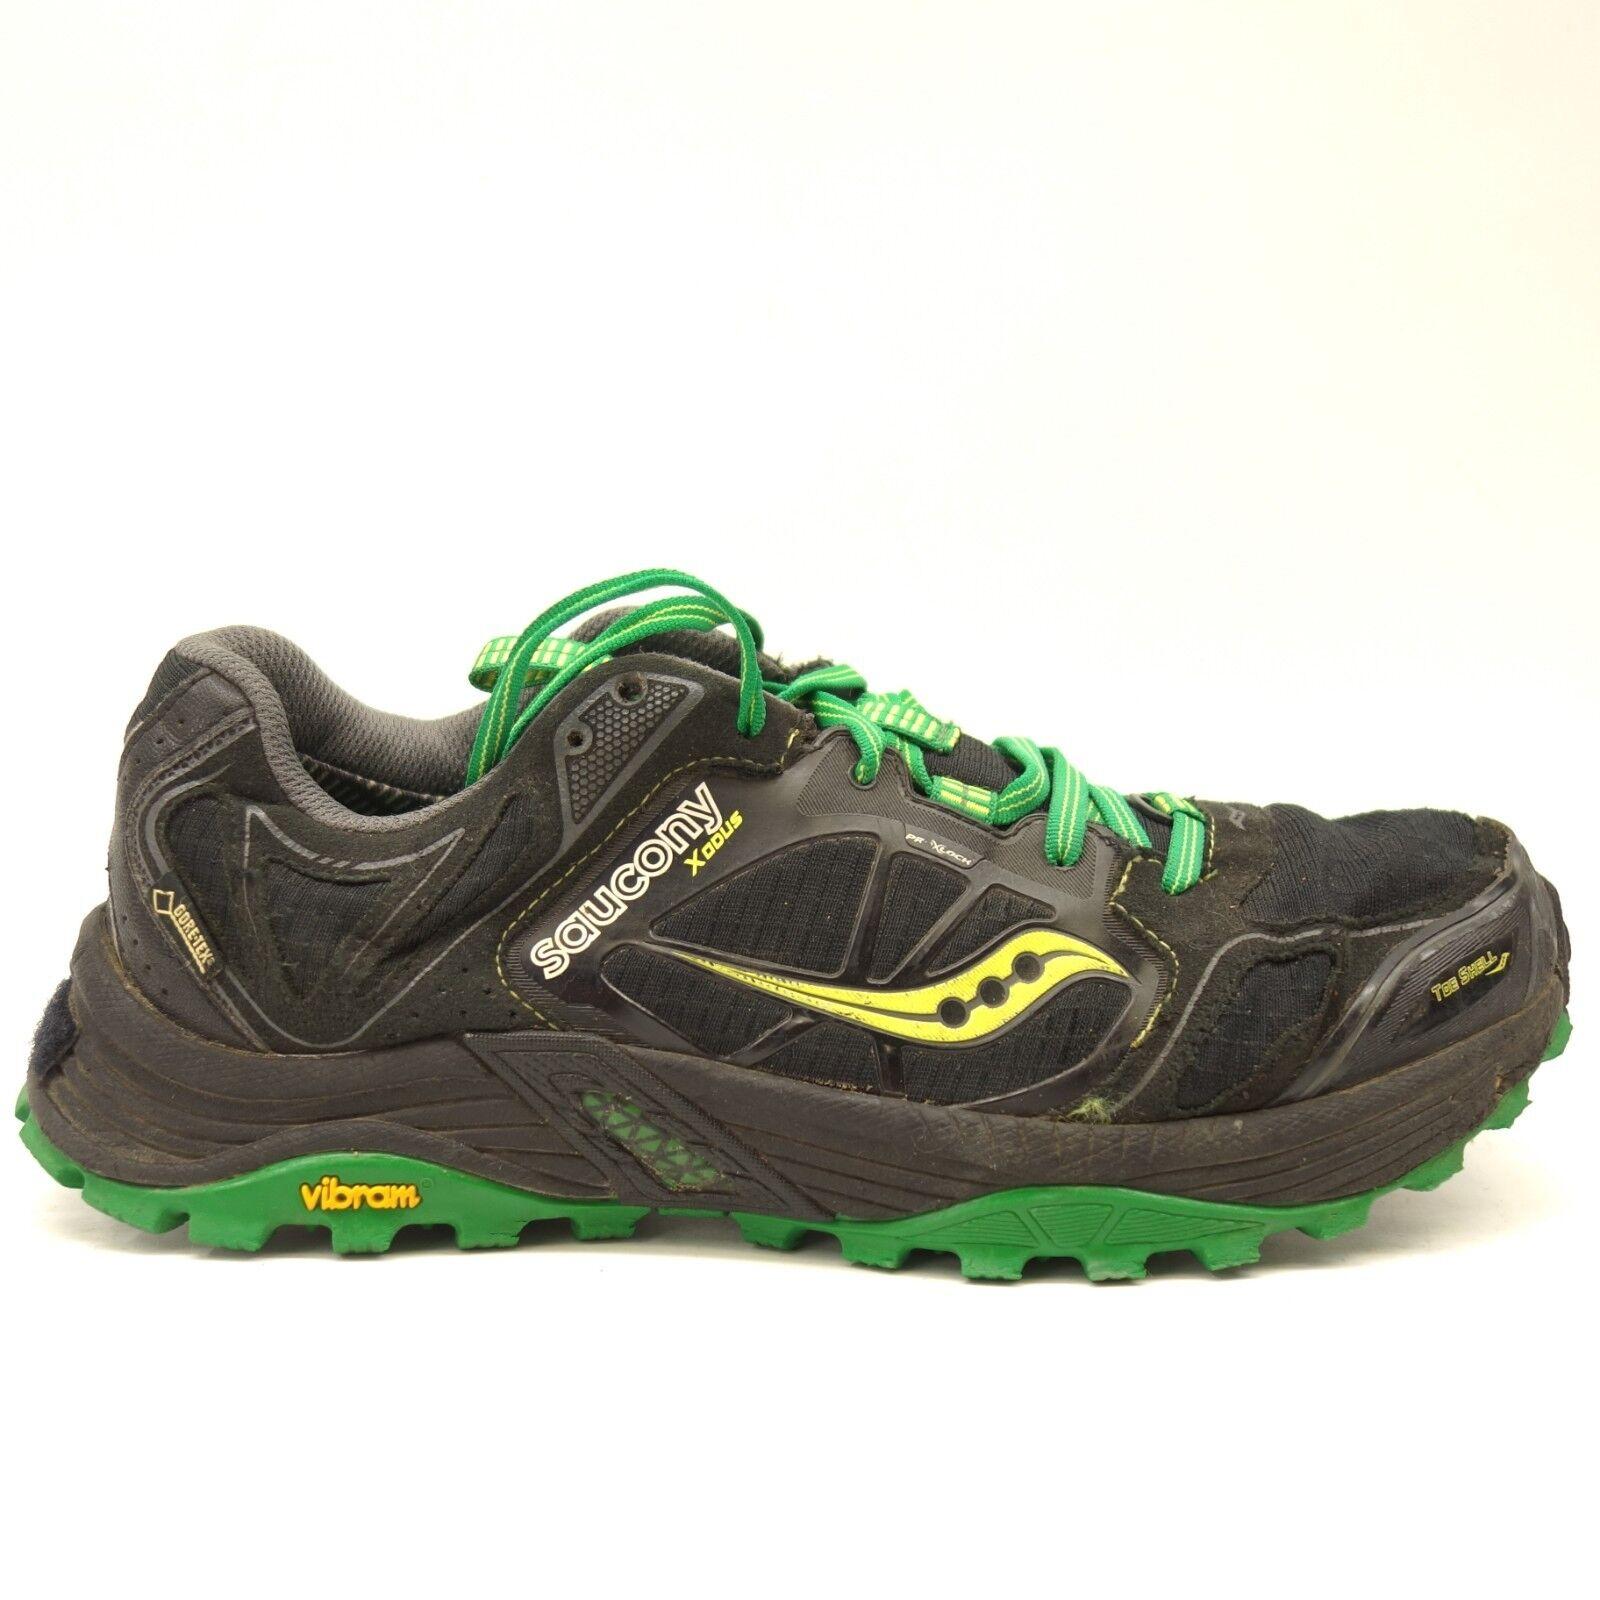 Saucony Xodus Gore-Tex Senderismo Running Entrenamiento Zapatos Talla Us 8